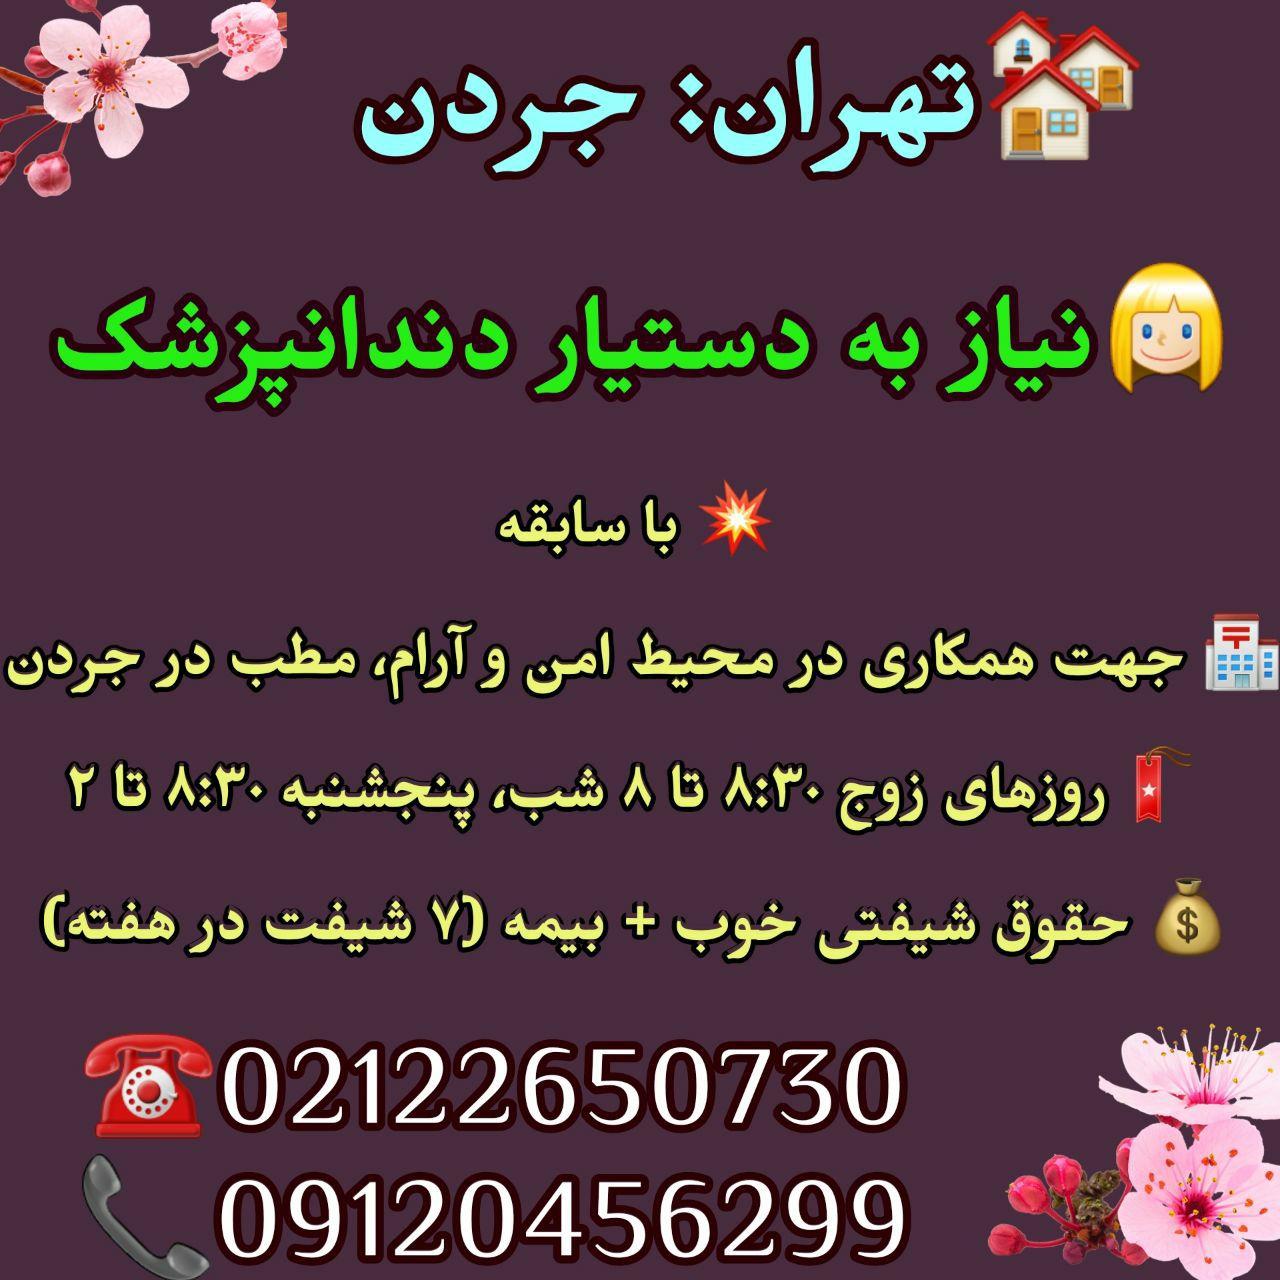 تهران: جردن، نیاز به دستیار دندانپزشک